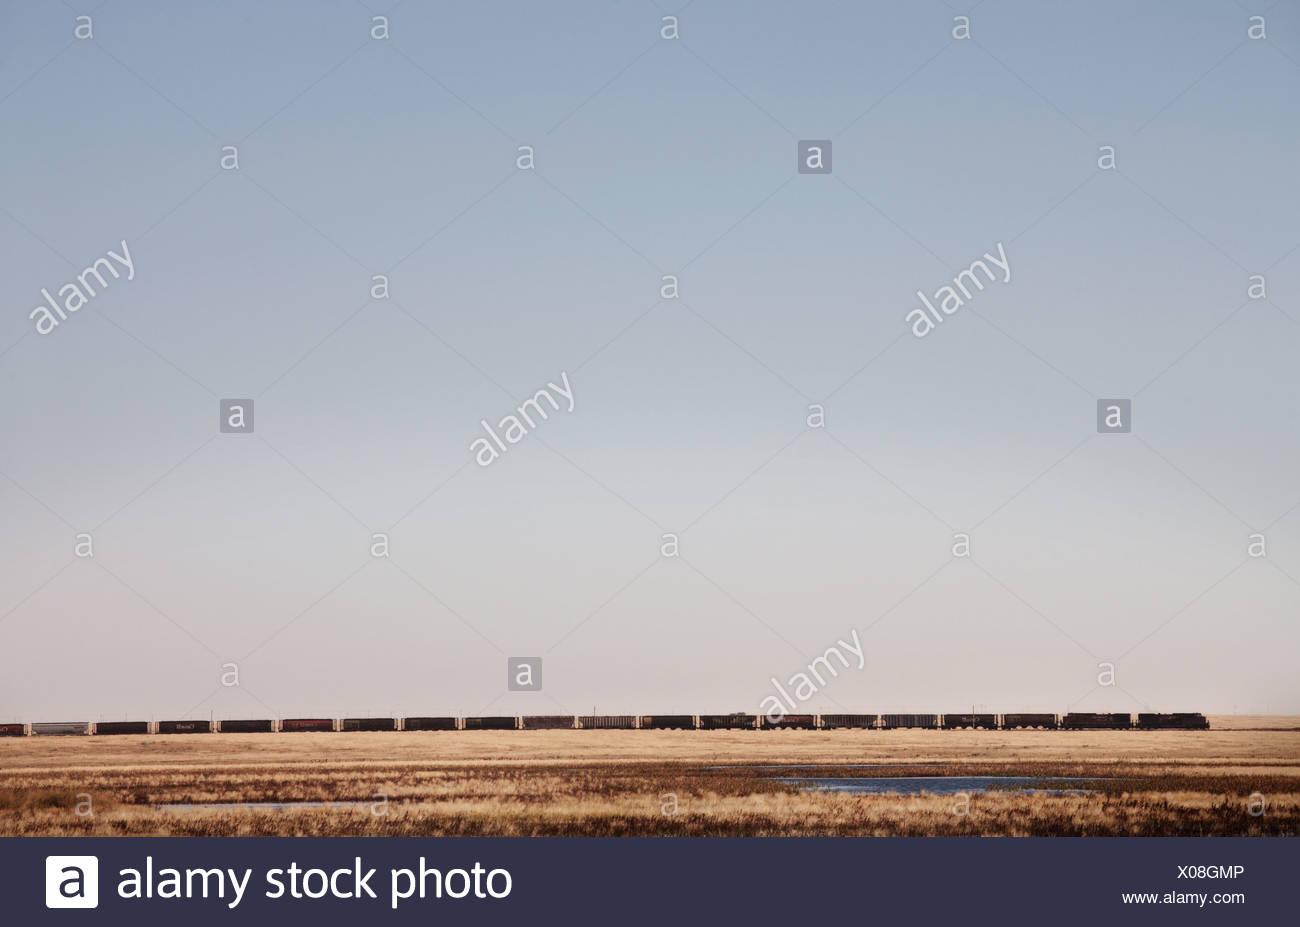 Un treno rotola a praterie canadesi nel sud dell'Alberta. Immagini Stock